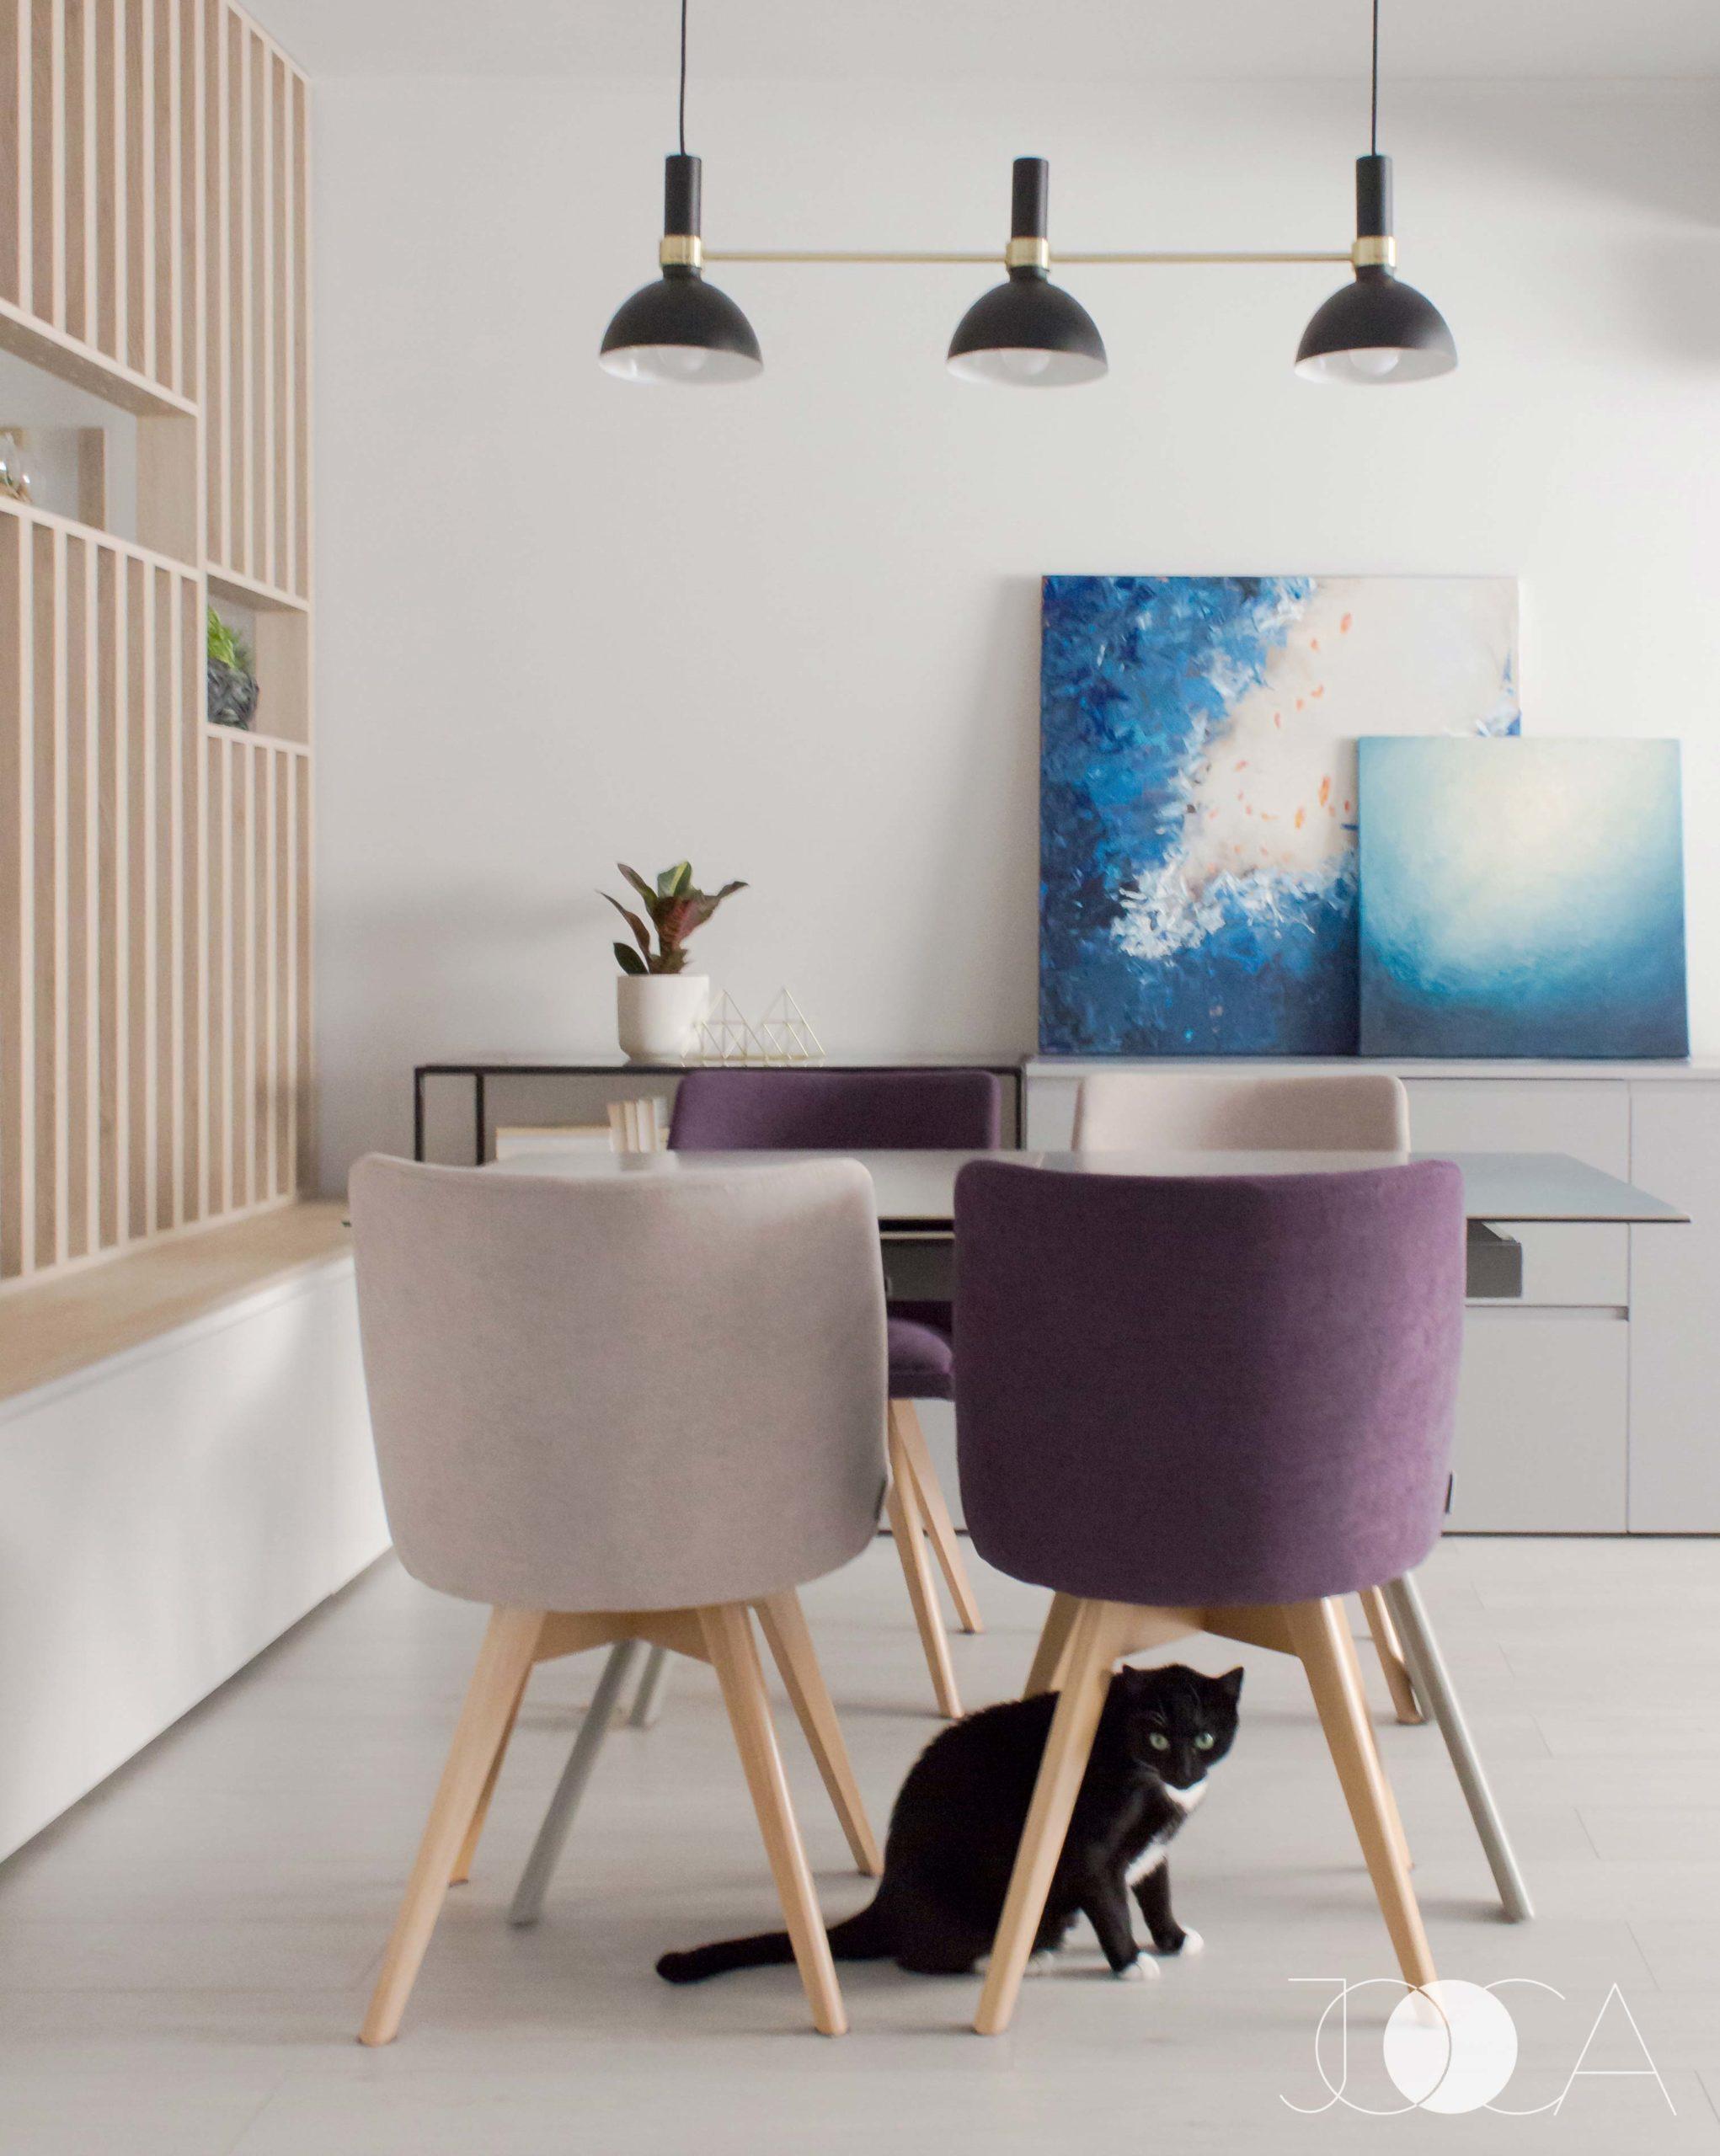 In zona centrala a open-space-ului este amenajat locul de luat masa. Masa extensibila este de la Kika, iar scaunele sunt facute pe comanda la Mobila Dalin.